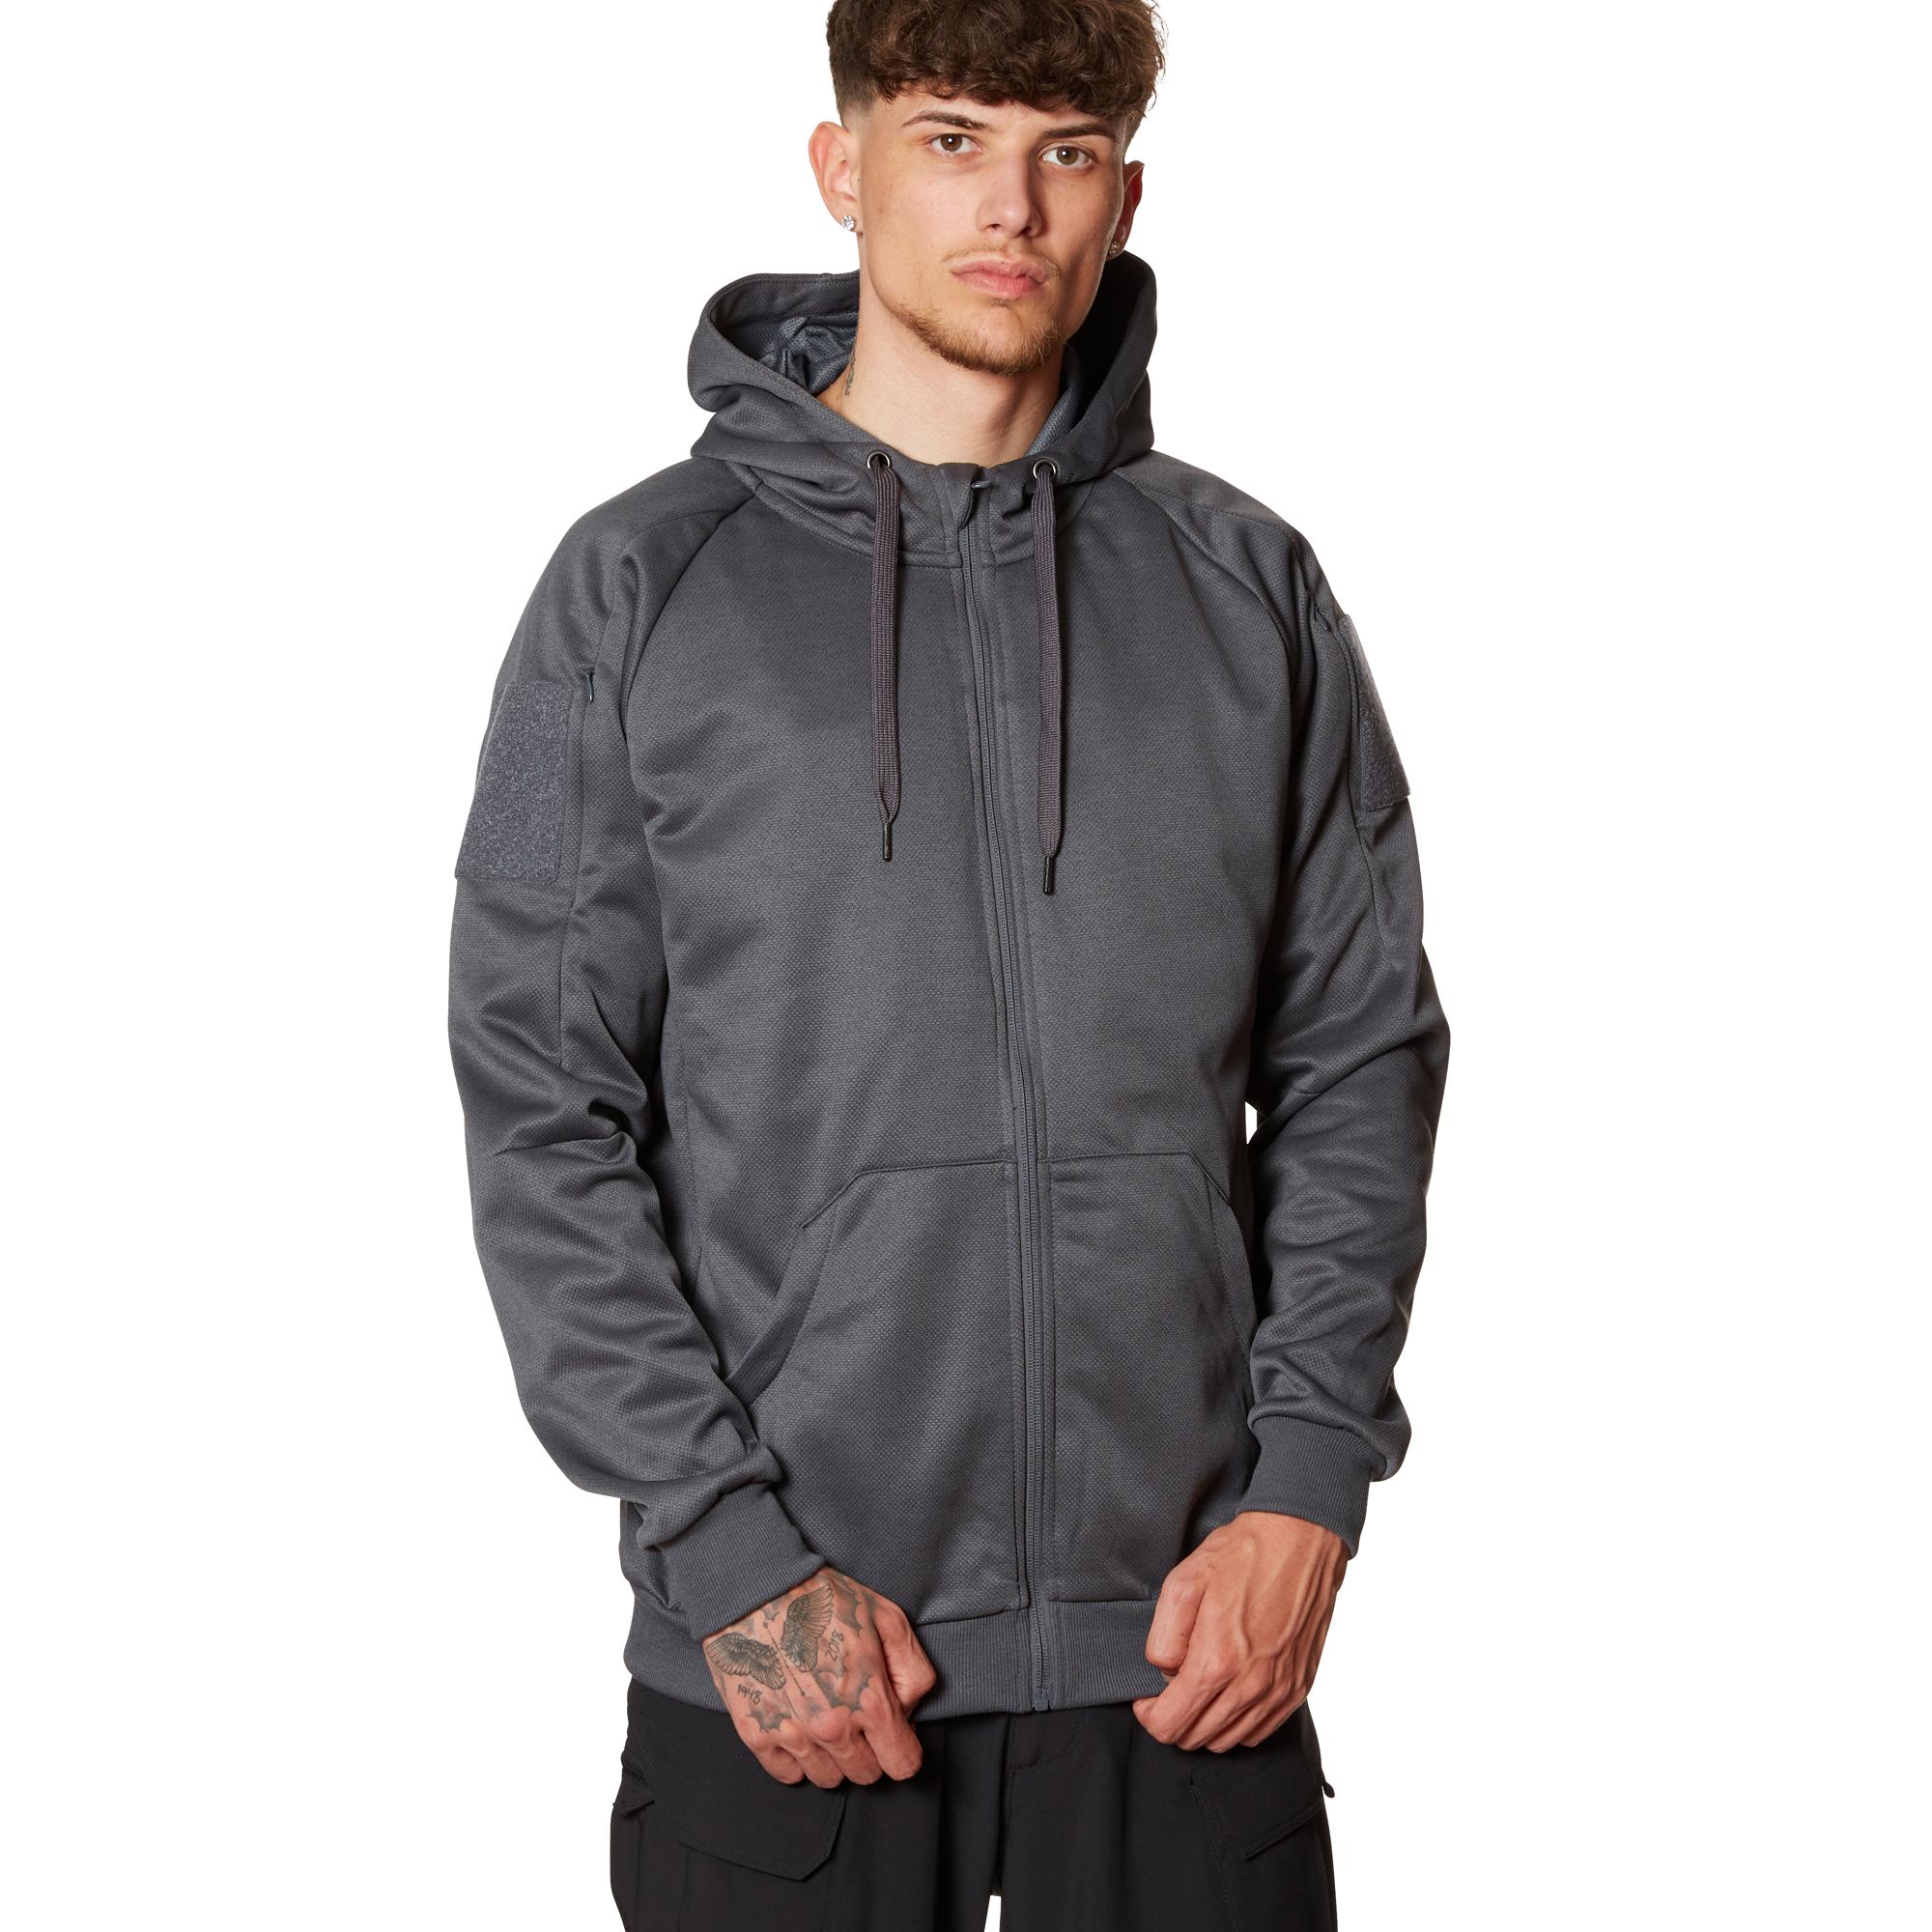 Helikon-Tex Hoodie Urban Tactical Full Zip melange black grey